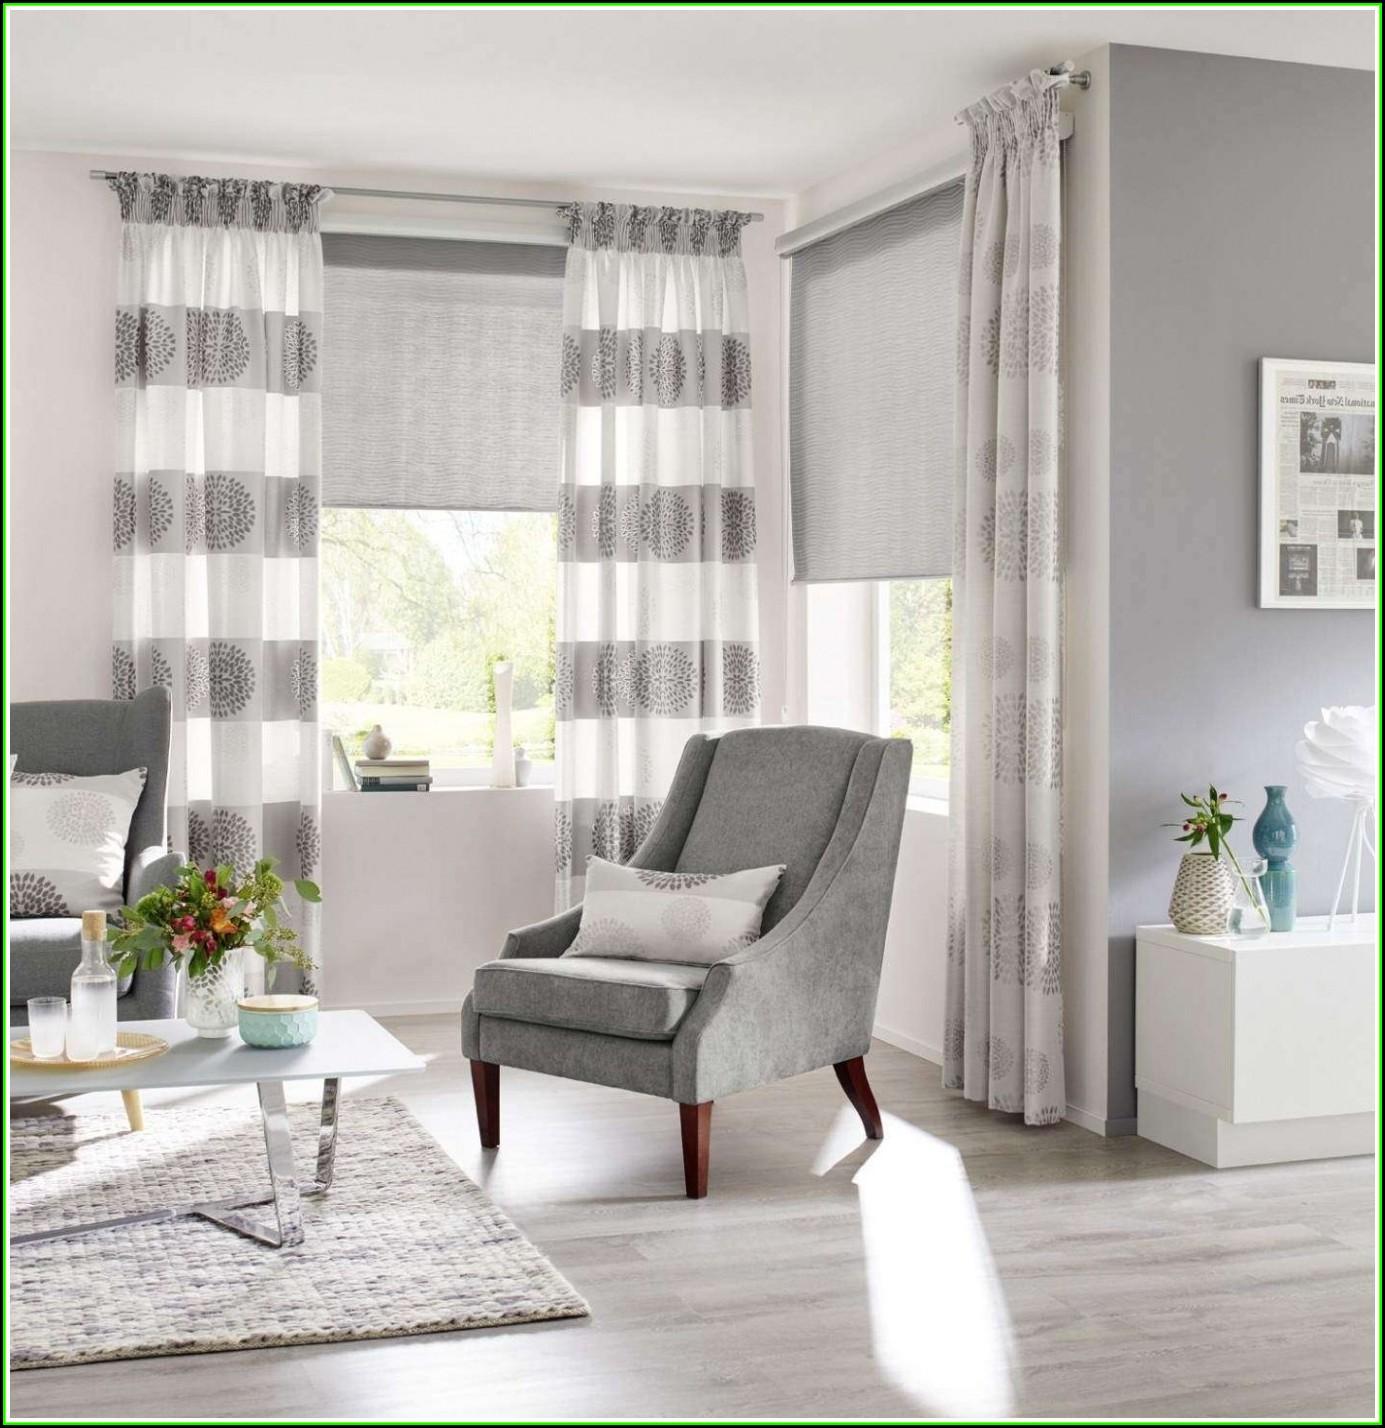 Schlafzimmer Mit Dachschräge Deko Ideen